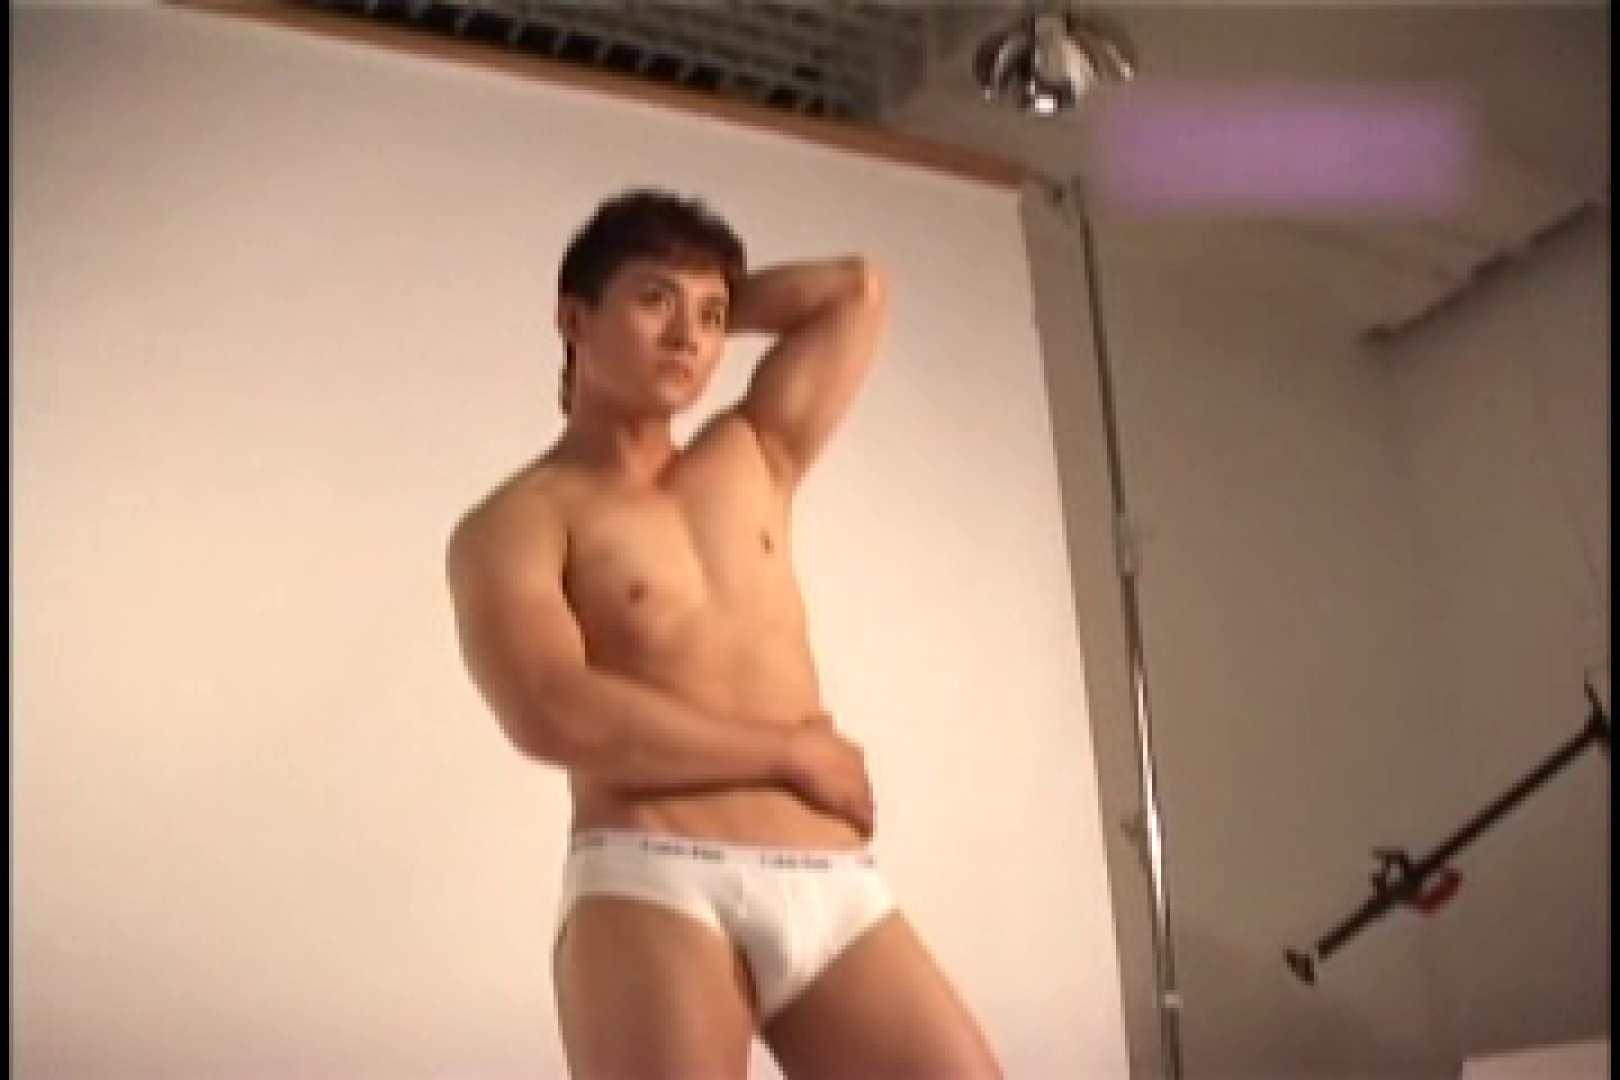 中出有名ゲイ雑誌★魅力●生★付録DVD収録スーパーモデルヌードvol7 ゲイのモデル  12枚 4